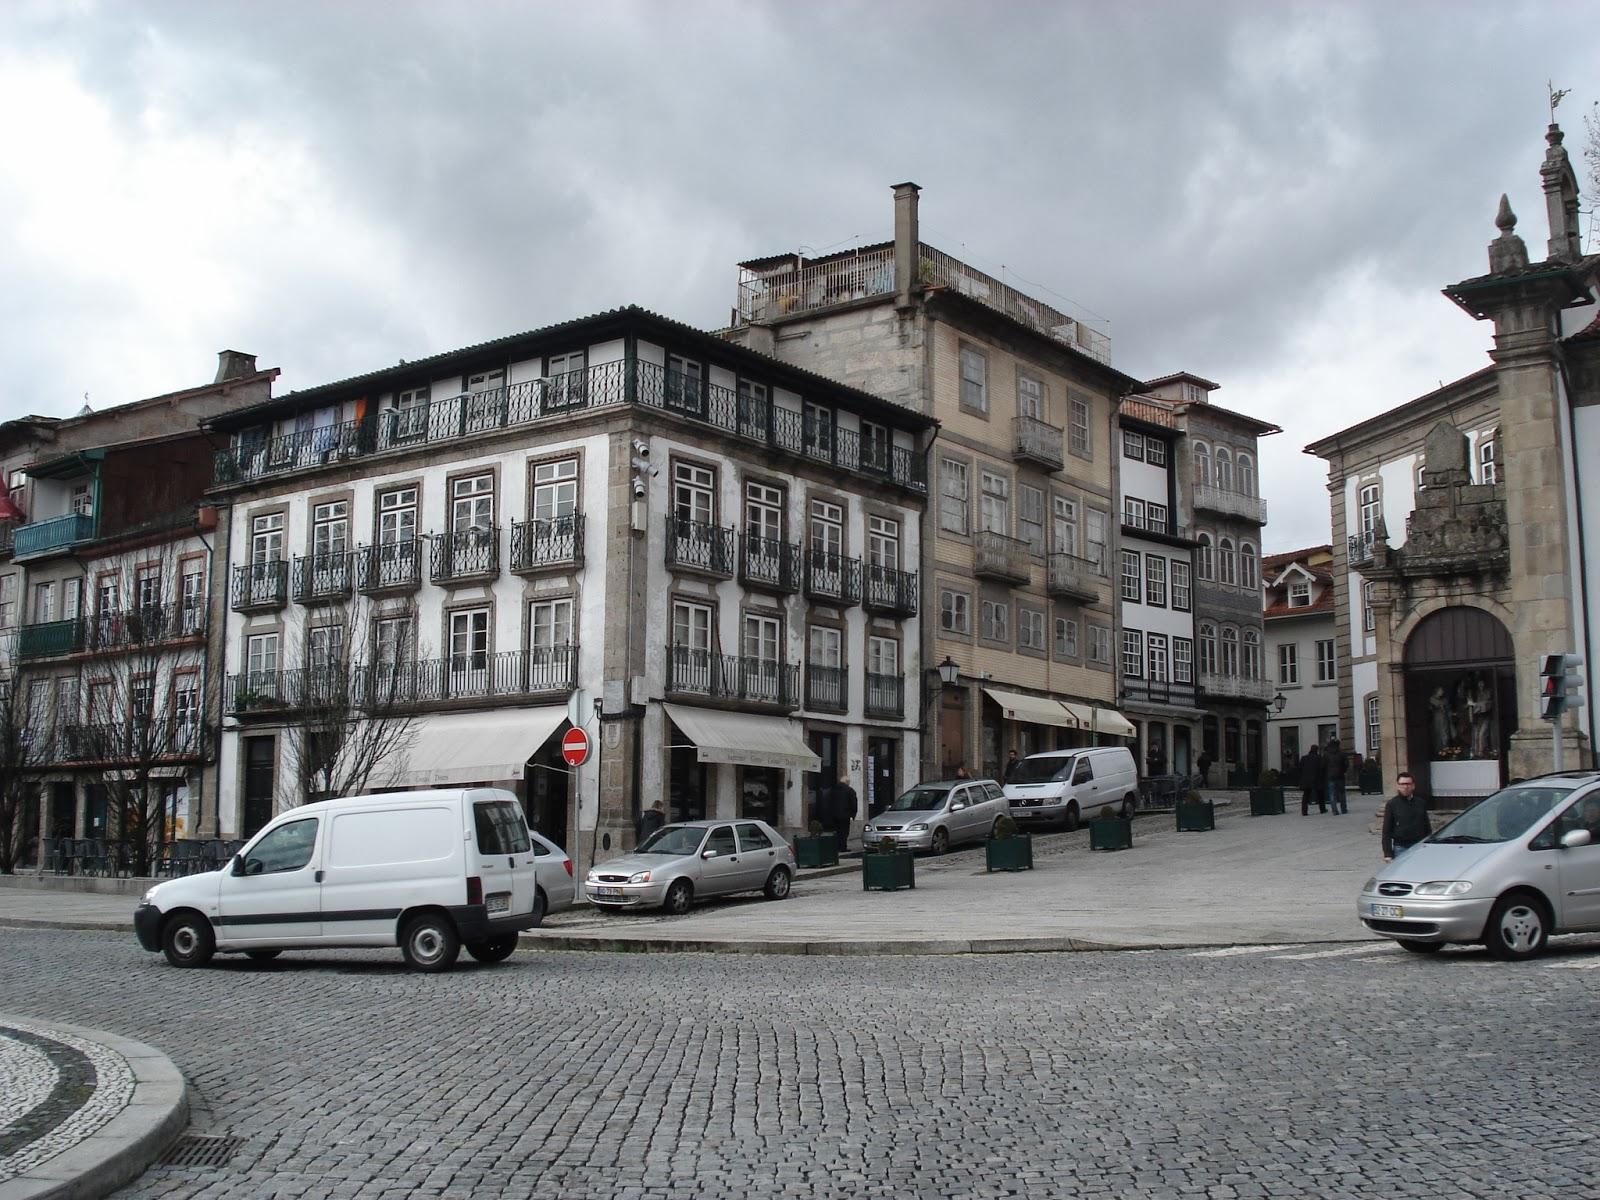 guimarães, 10, 2014, summer, verão, sapatinho, moda, blog, blogue, blogger, aveiro, portugal, look